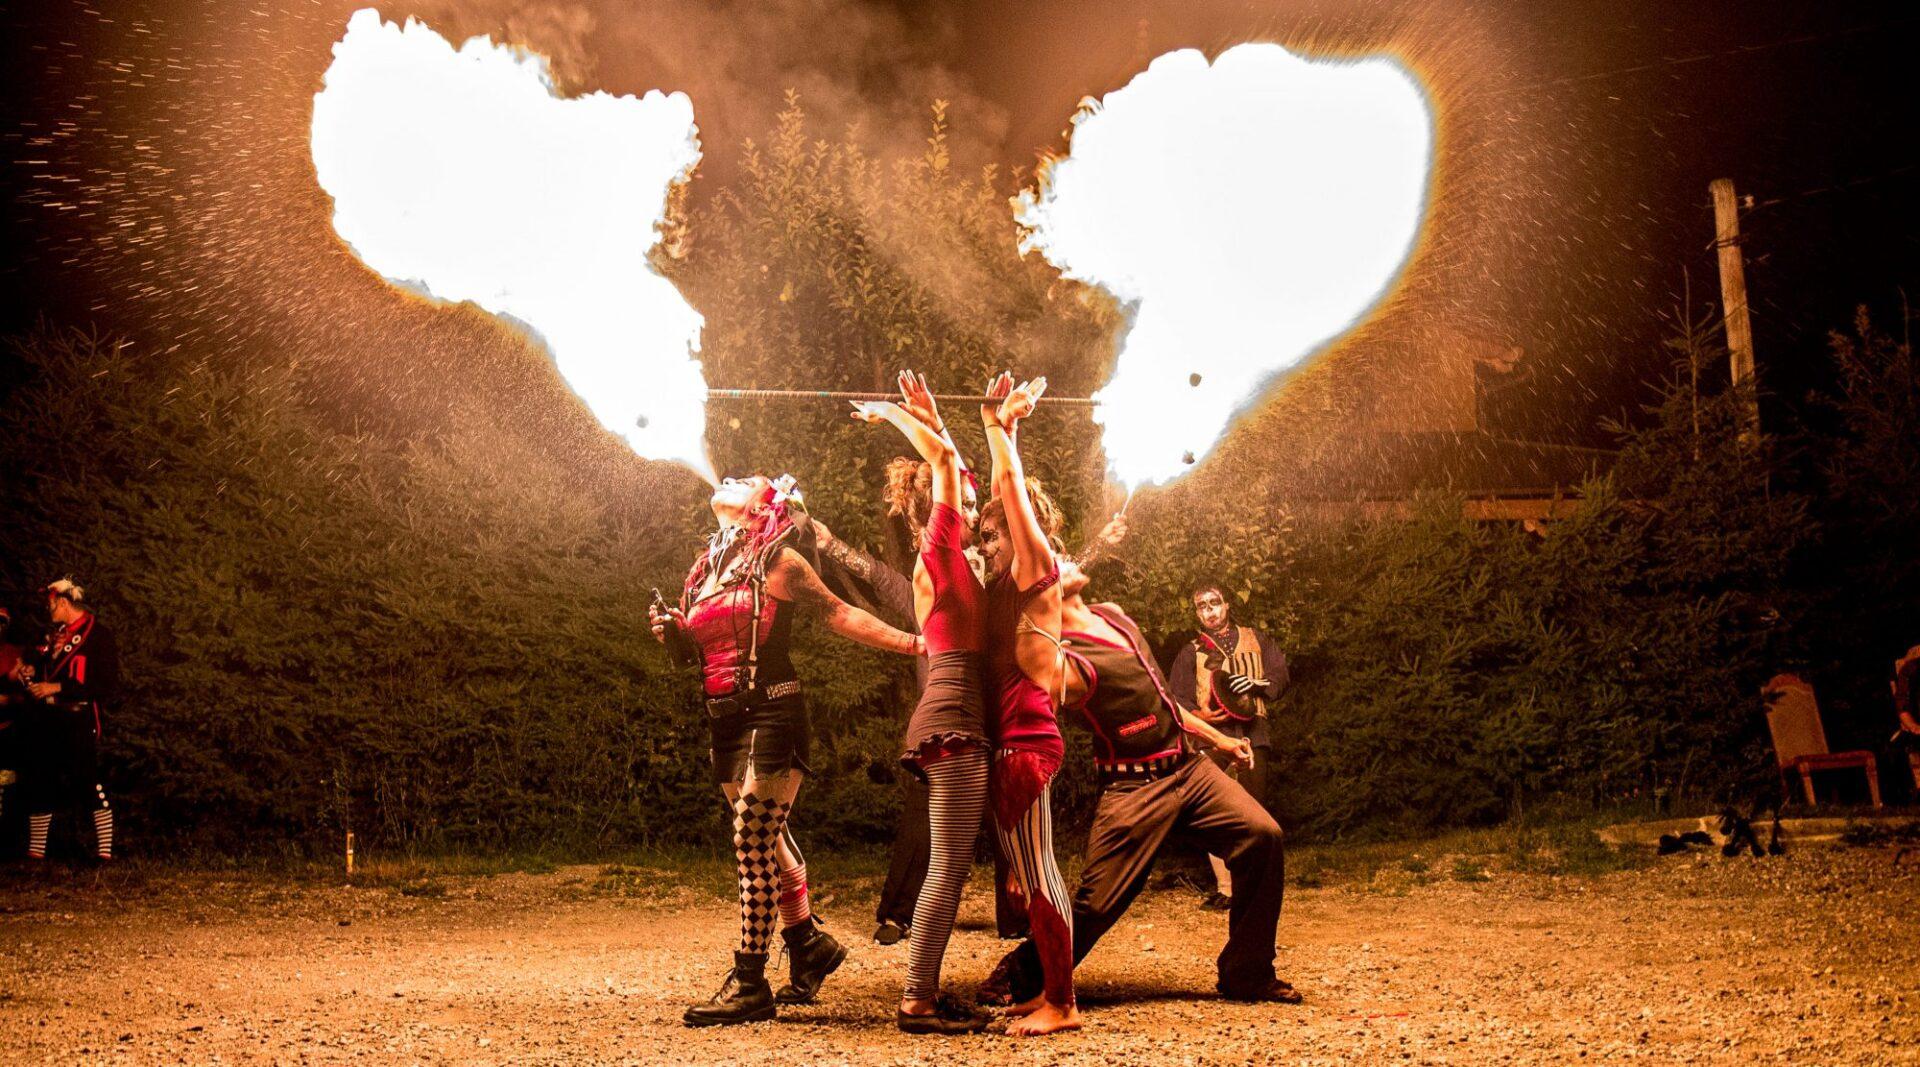 Le cirque québécois, toujours en effervescence